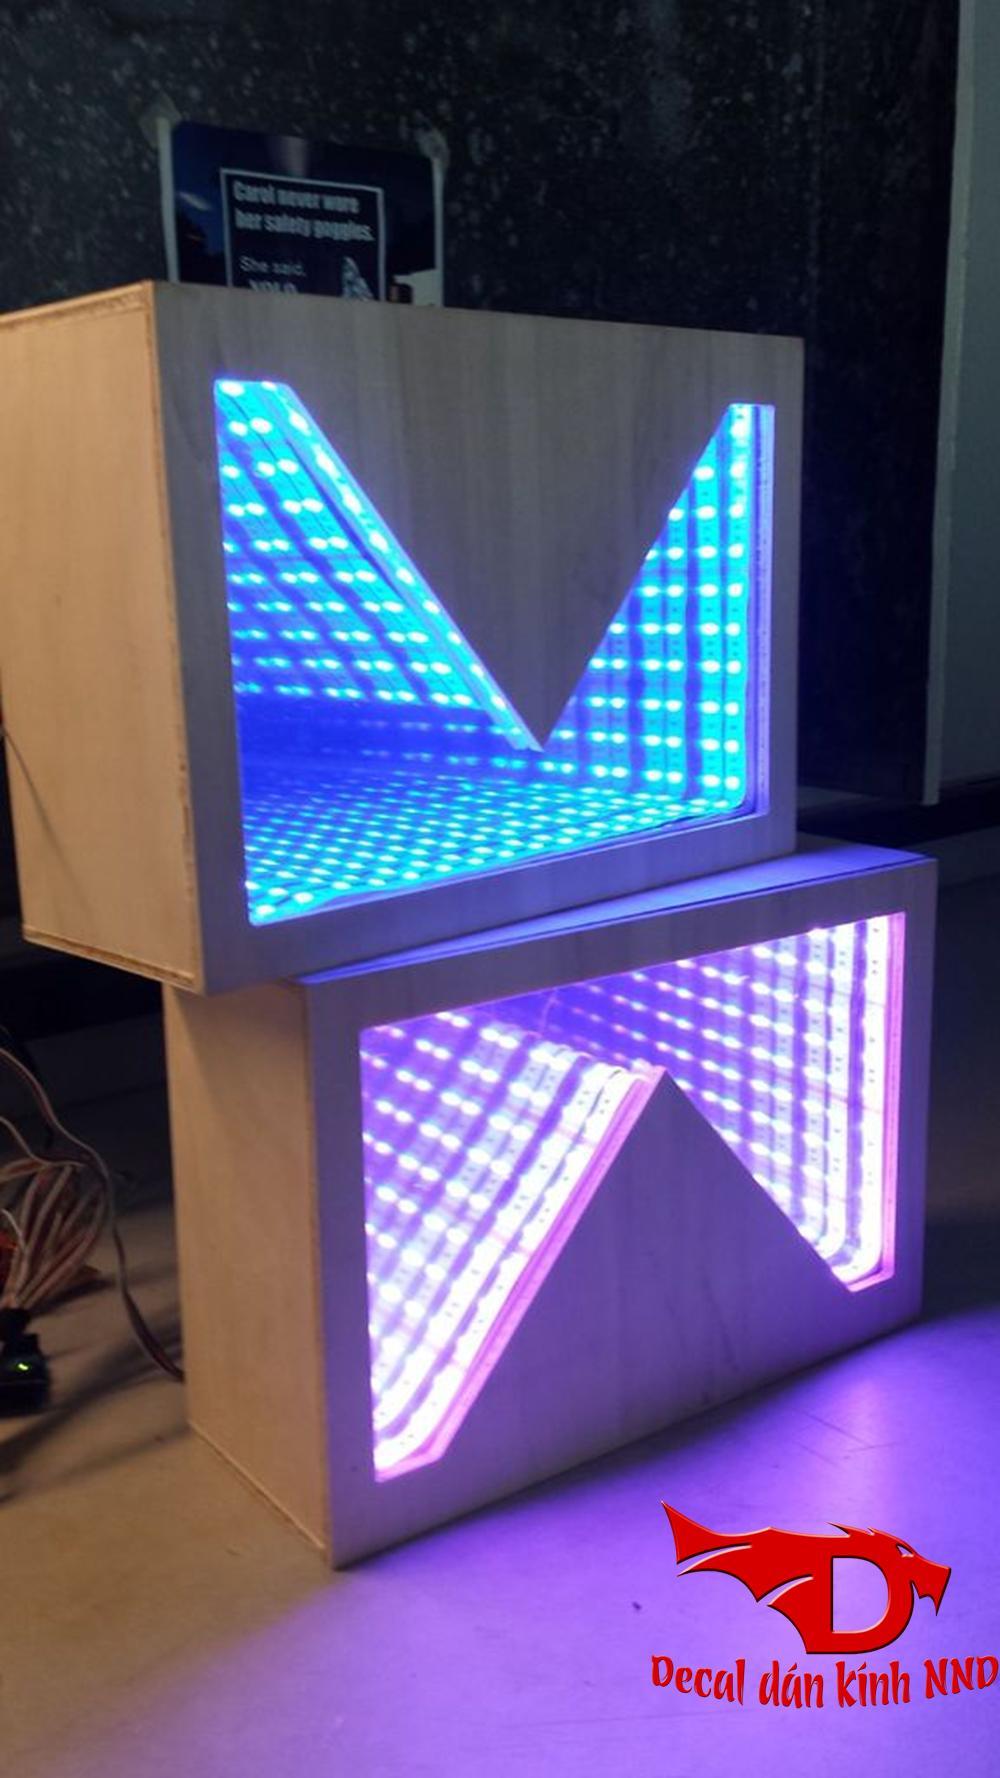 Đèn led 3D vô tận giành cho phòng hát